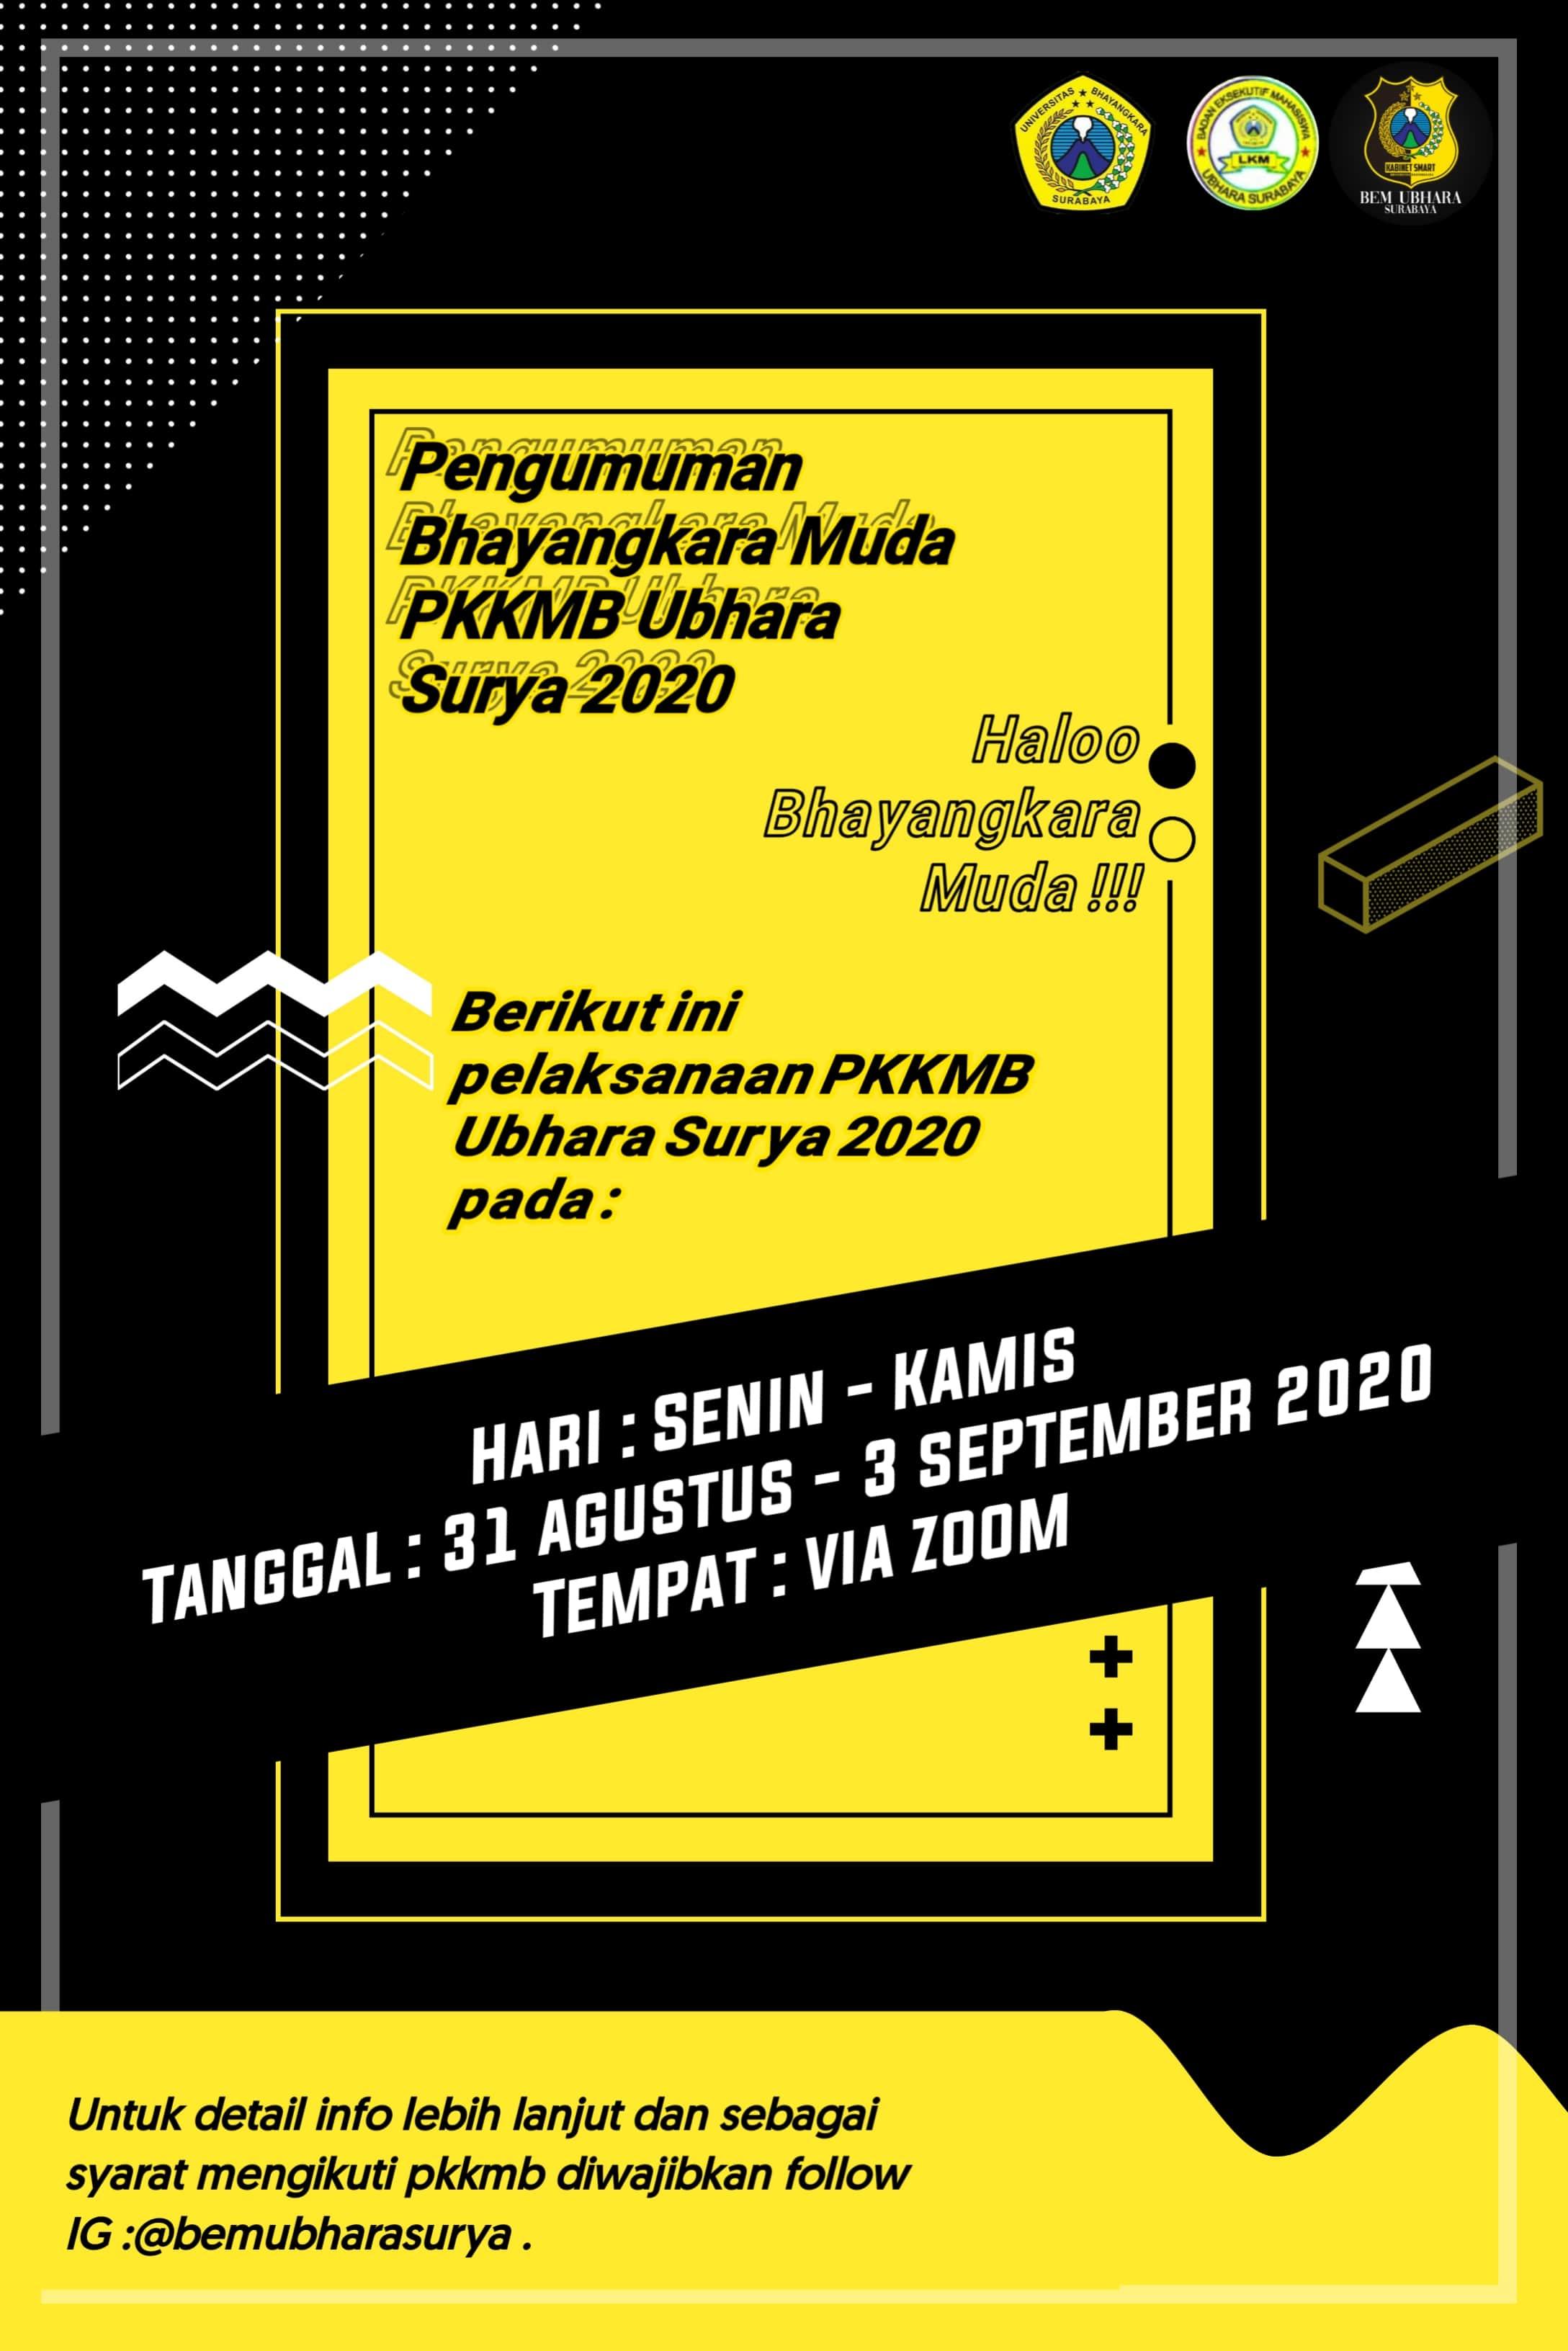 Pengumuman PKKMB 2020